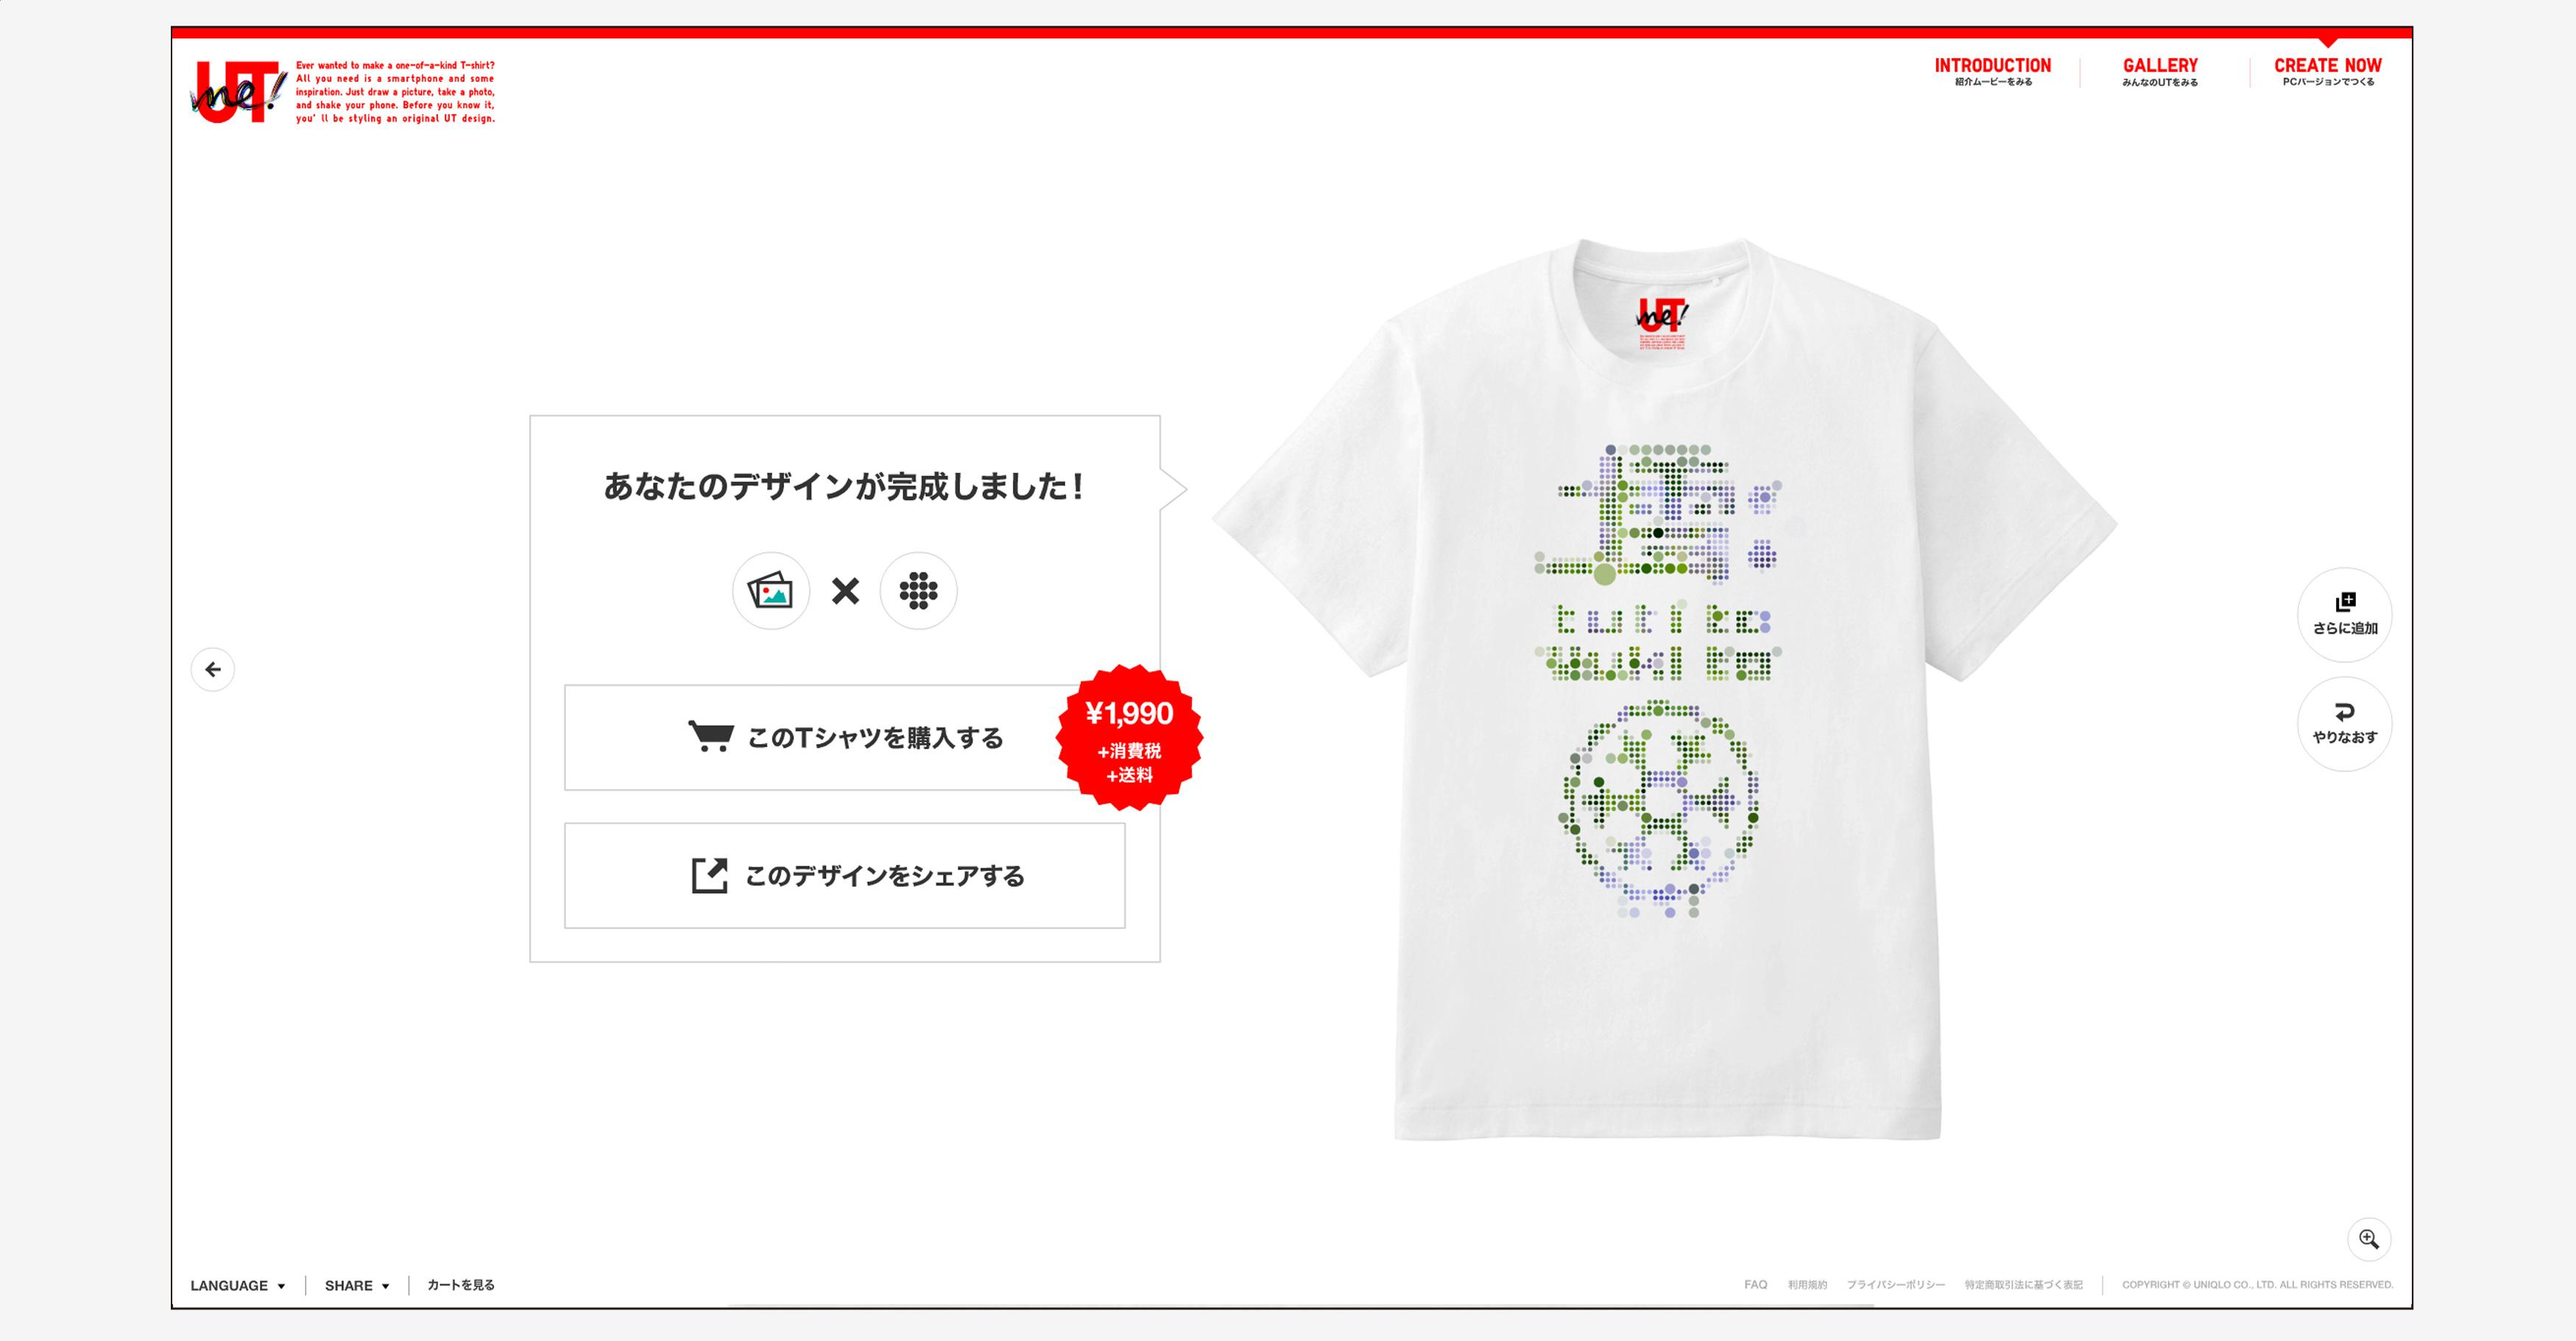 utme_guide13.jpg